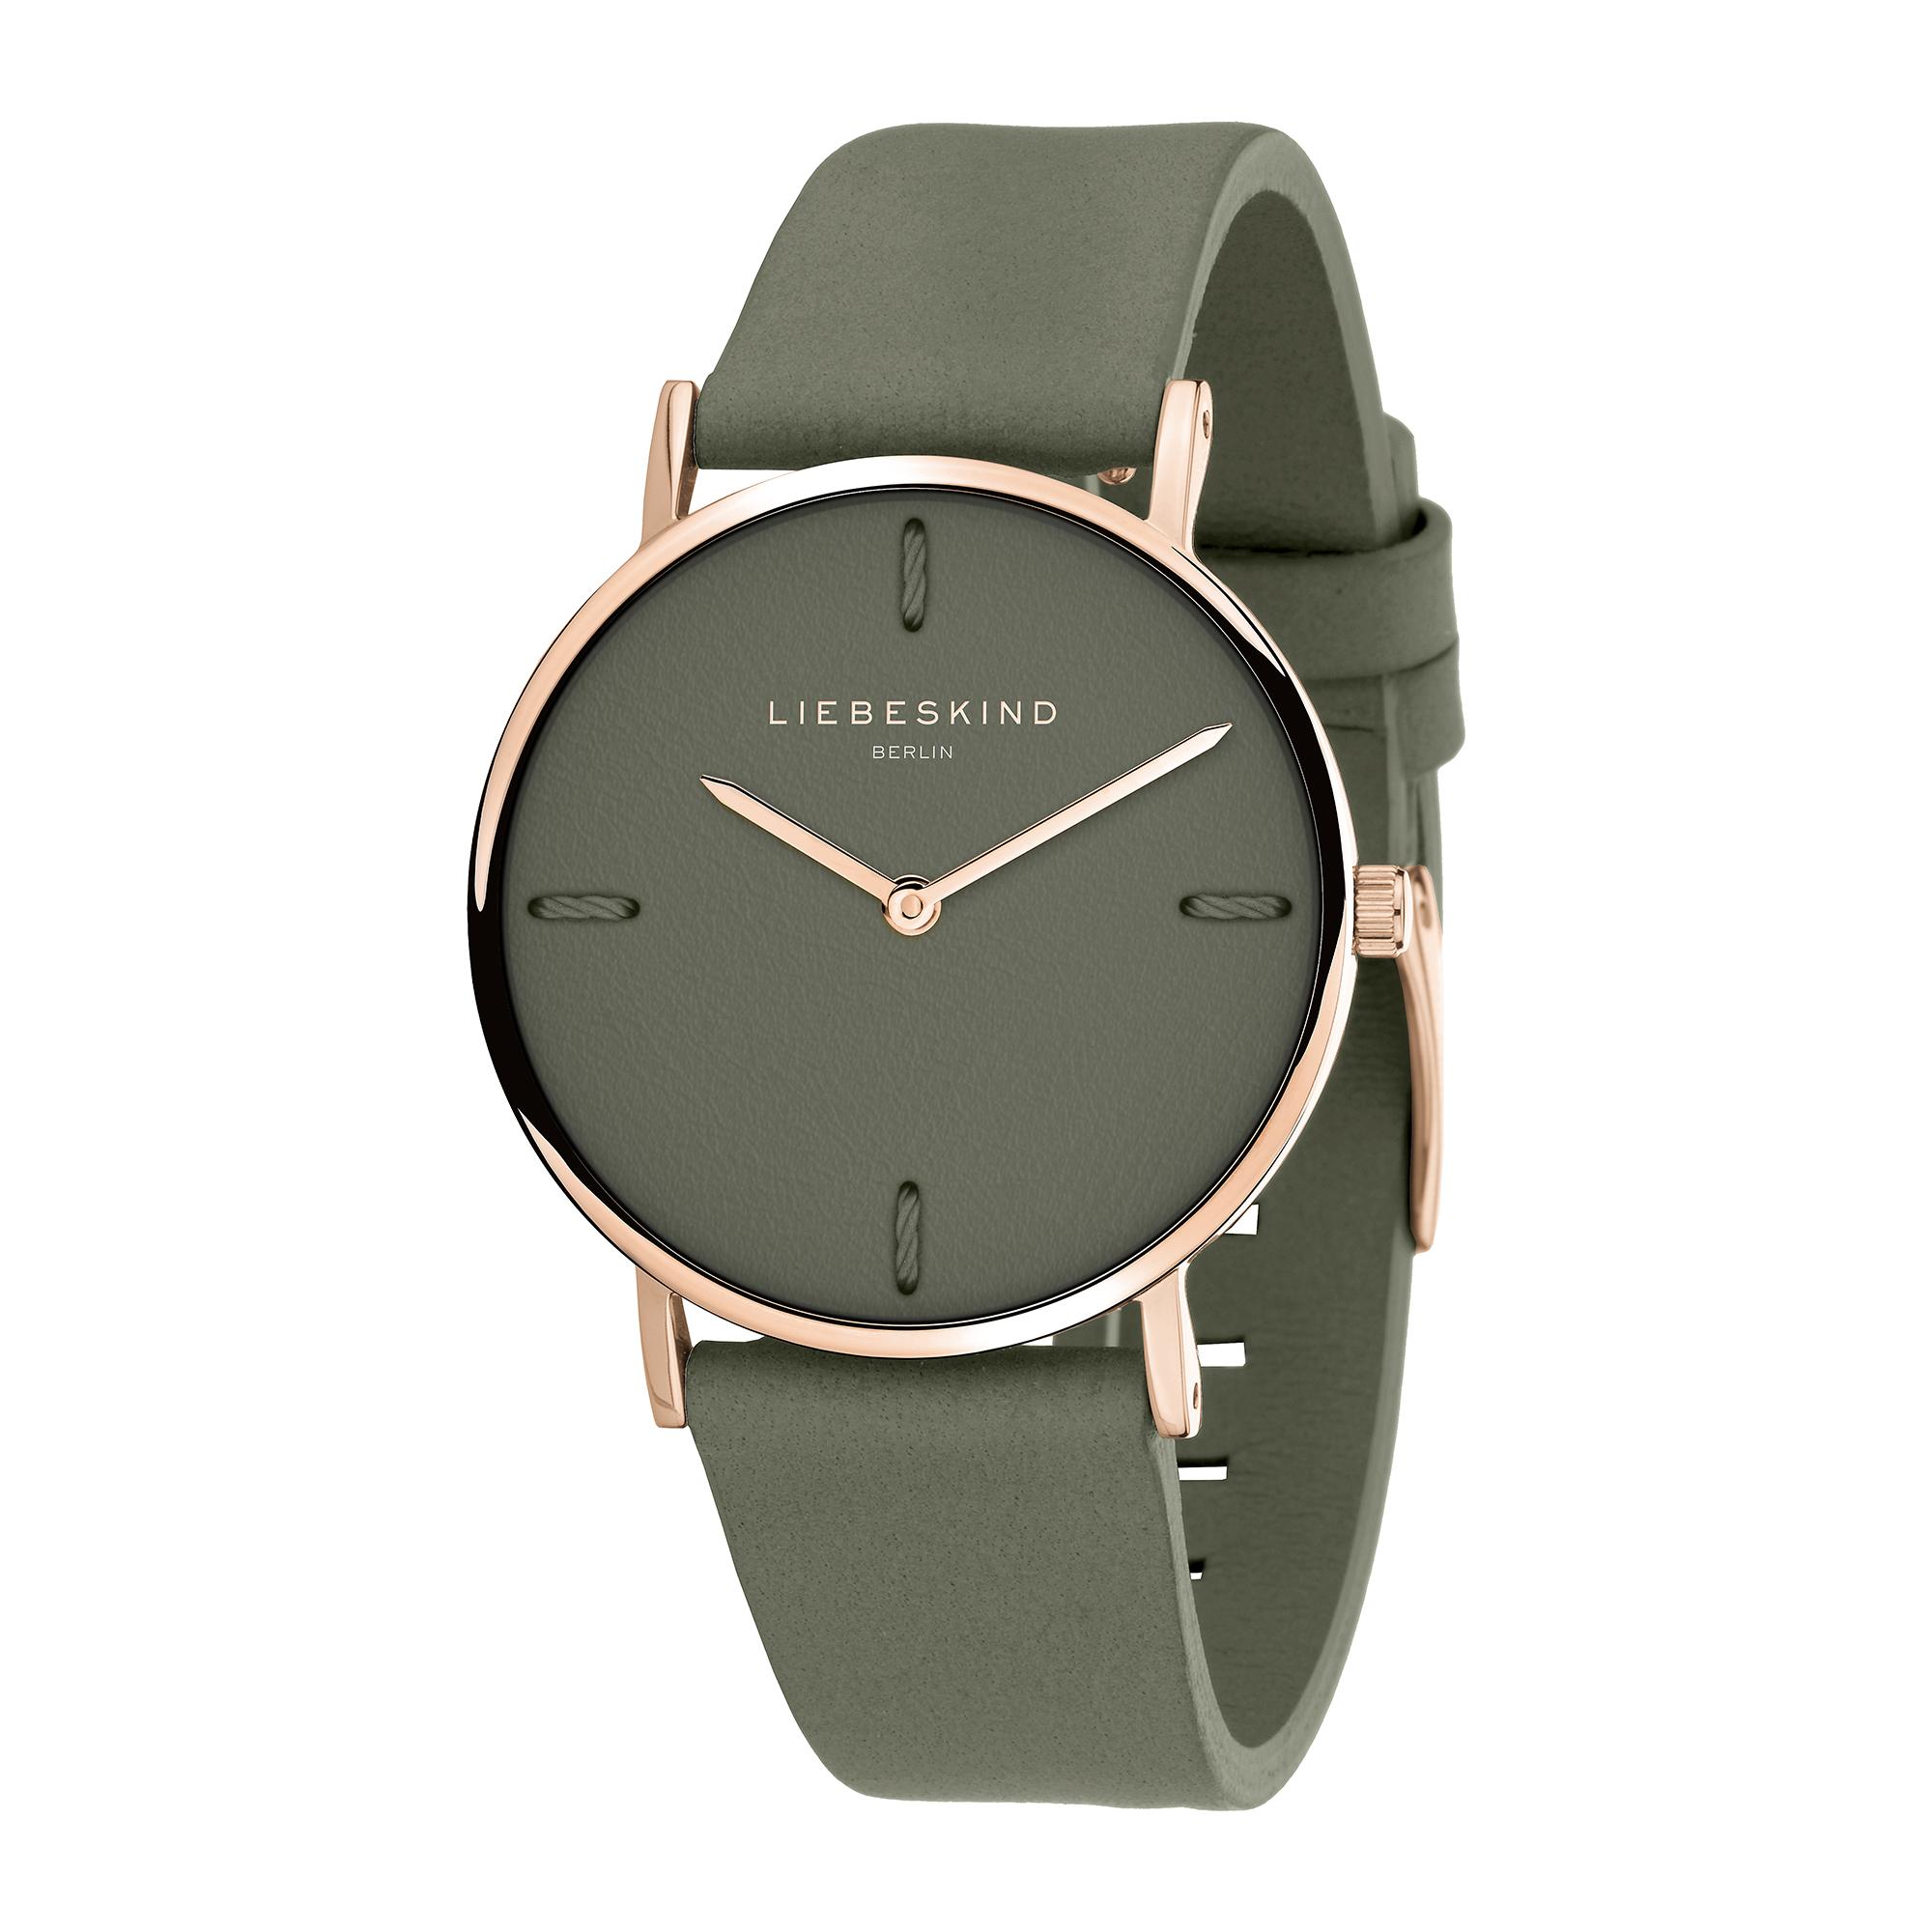 LT-0133-LQ LIEBESKIND BERLIN Armbanduhr Leder Vintage-Look